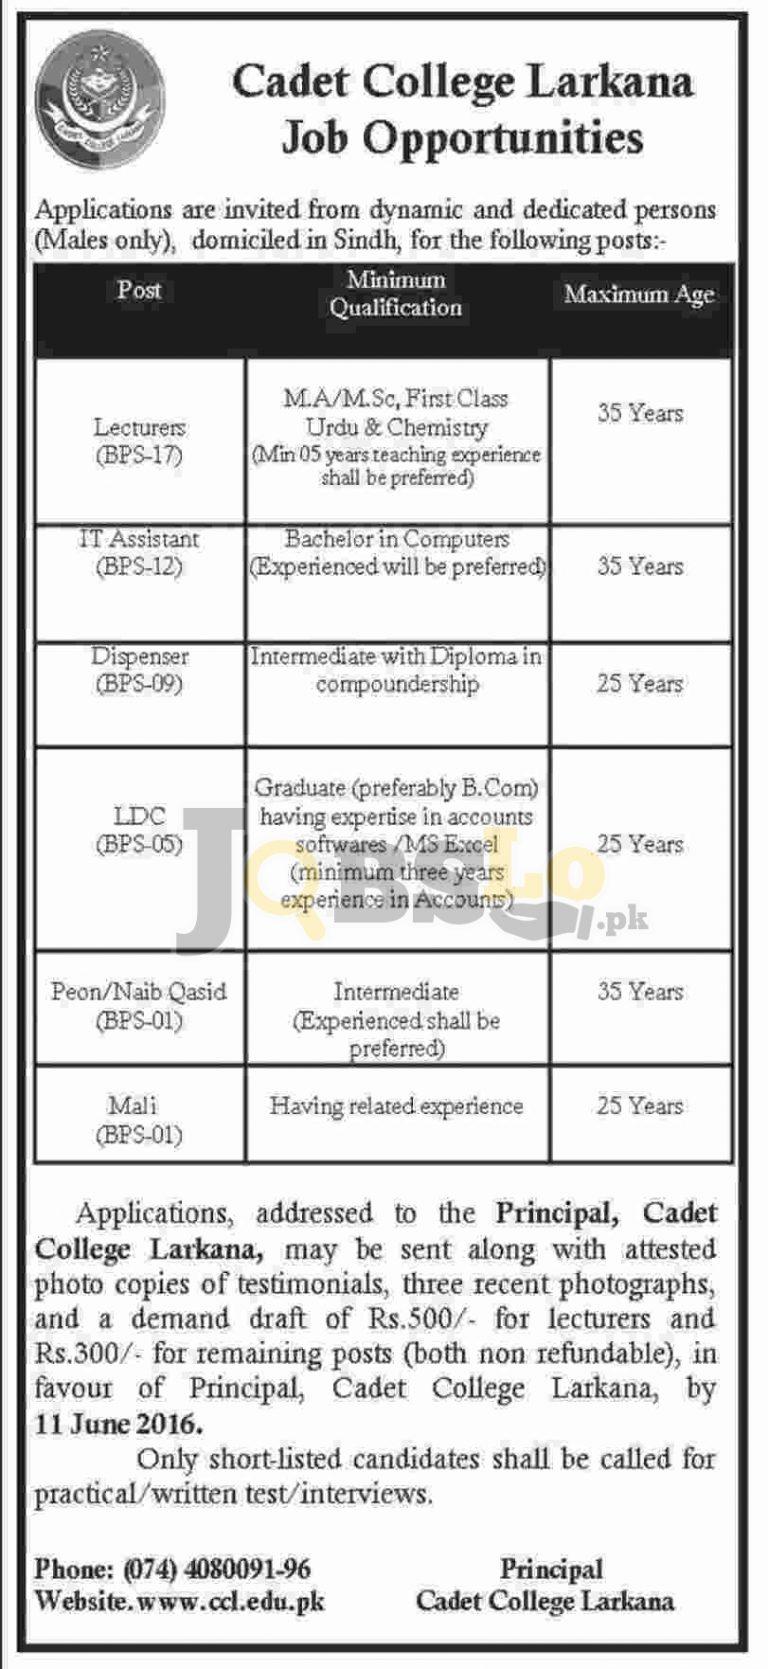 Cadet College Larkana Jobs May & June 2016 Career Opportunities